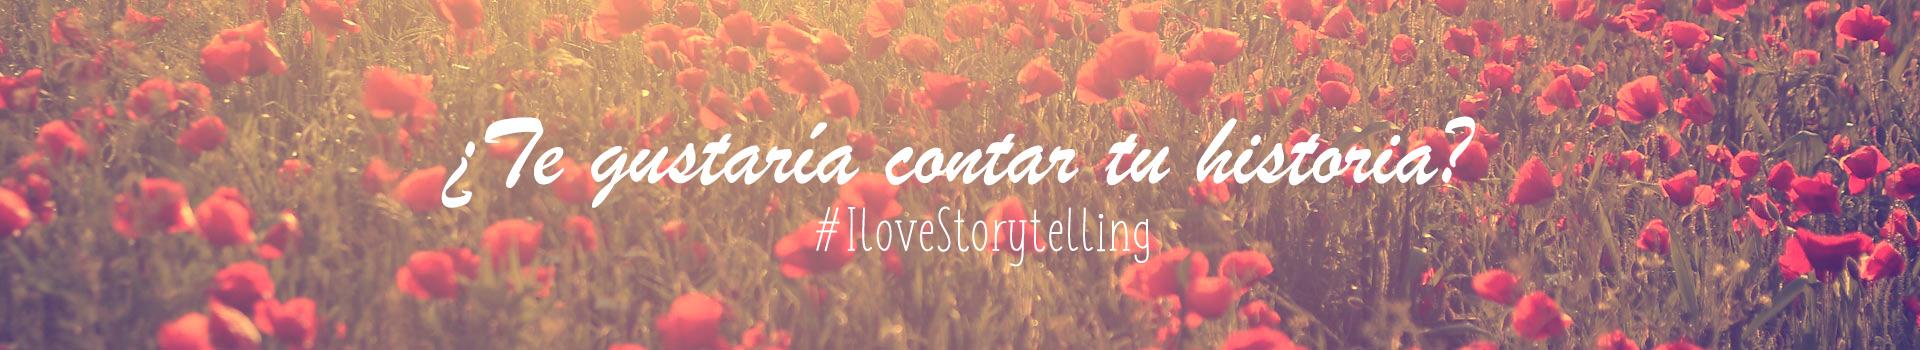 #Ilovestorytelling